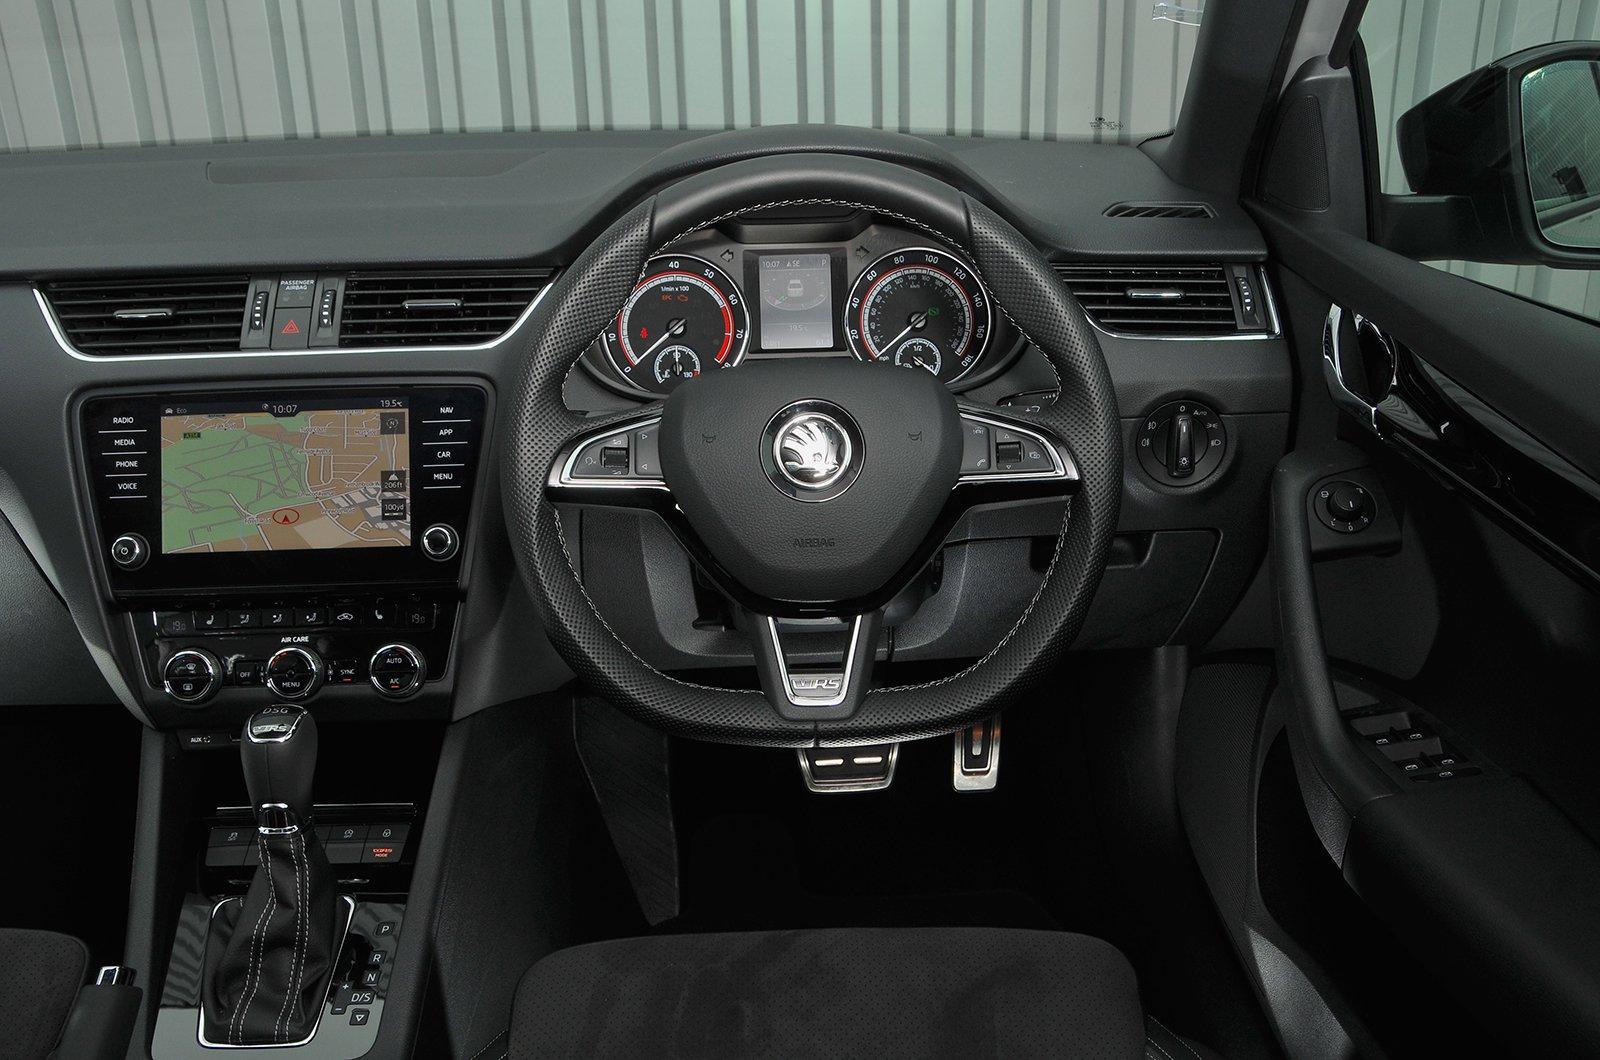 Skoda Octavia 2.0 TDI CR SE L DSG - interior